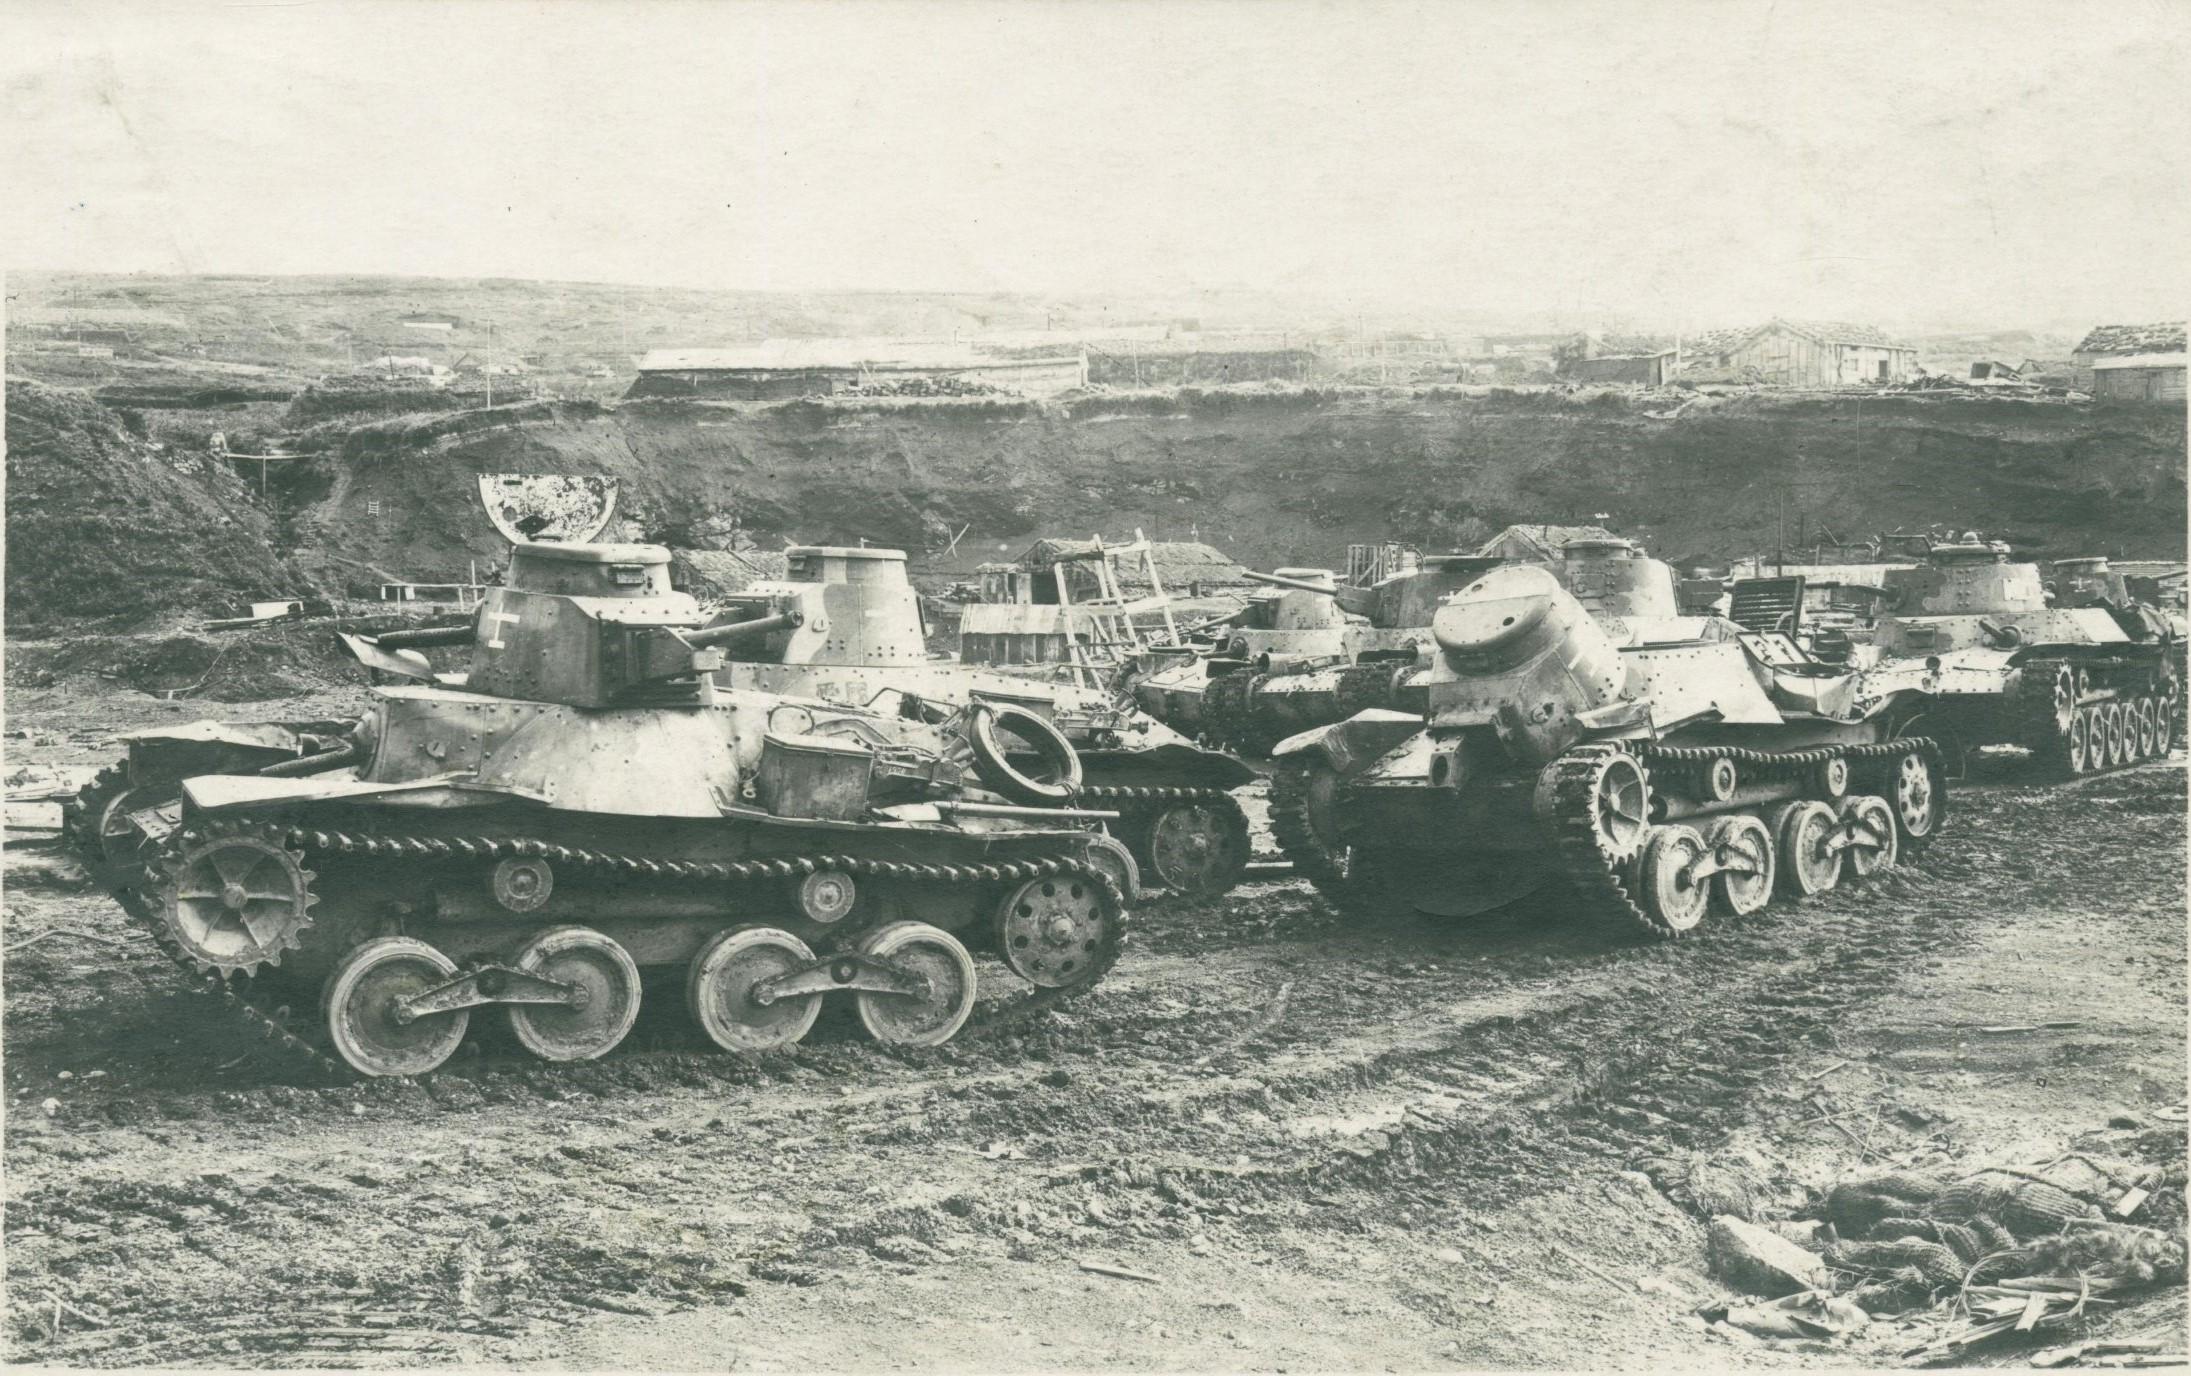 Частично разукомплектованные легкие танки Ха-Го (Тип 95) и средние Чи-Ха 11-го японского танкового полка на окраине военно-морской базы Катаока на острове Шумшу во время капитуляции